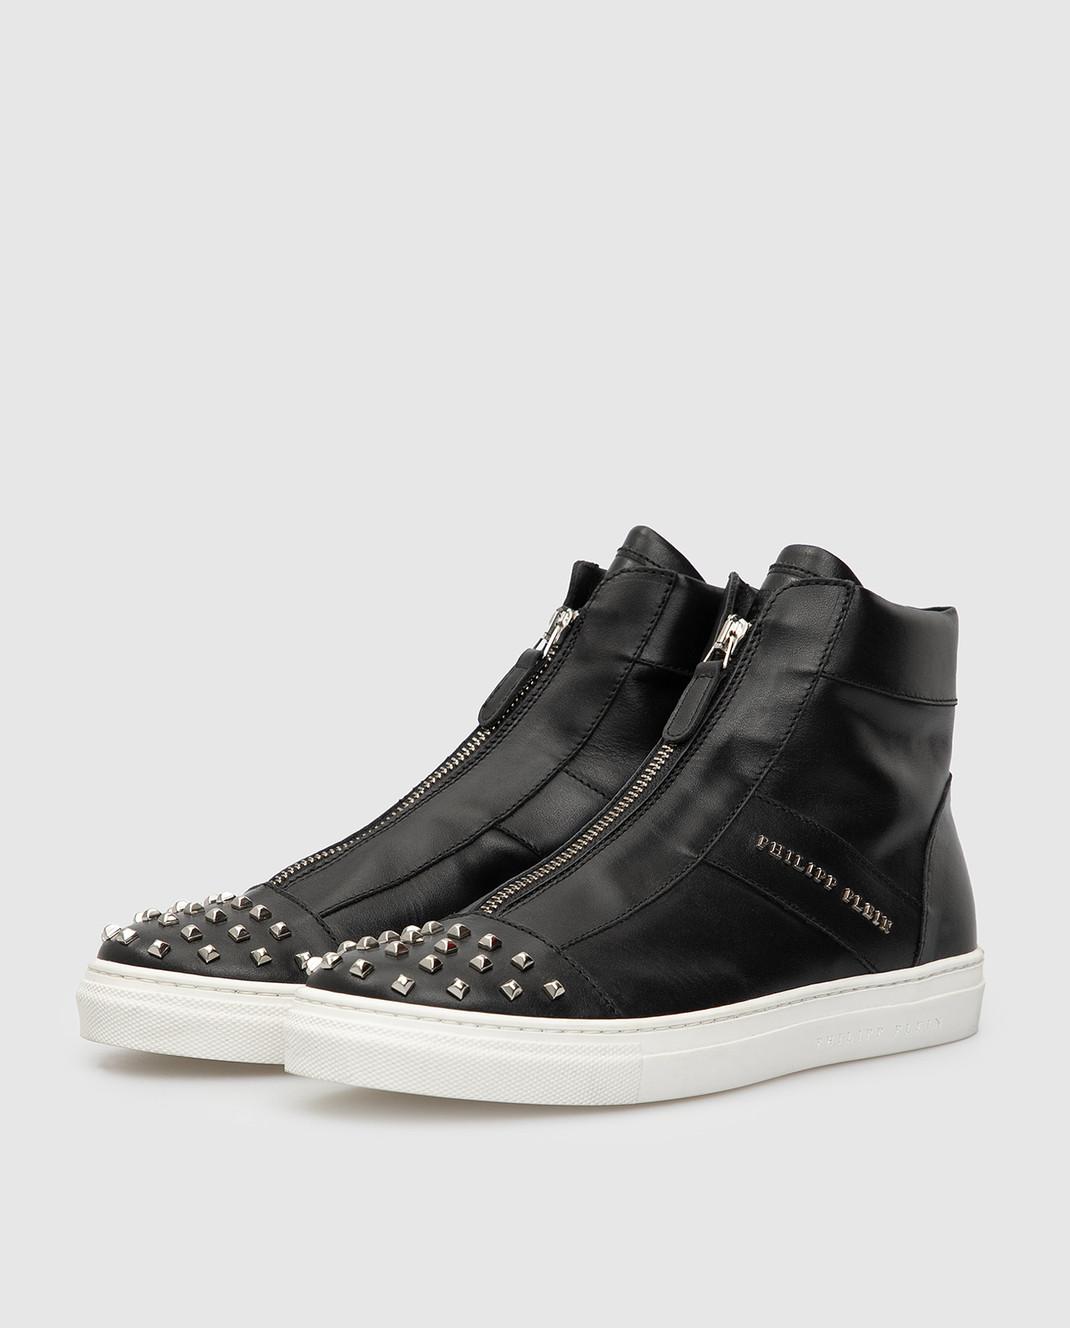 Philipp Plein Детские черные кожаные ботинки BSC0051 изображение 2